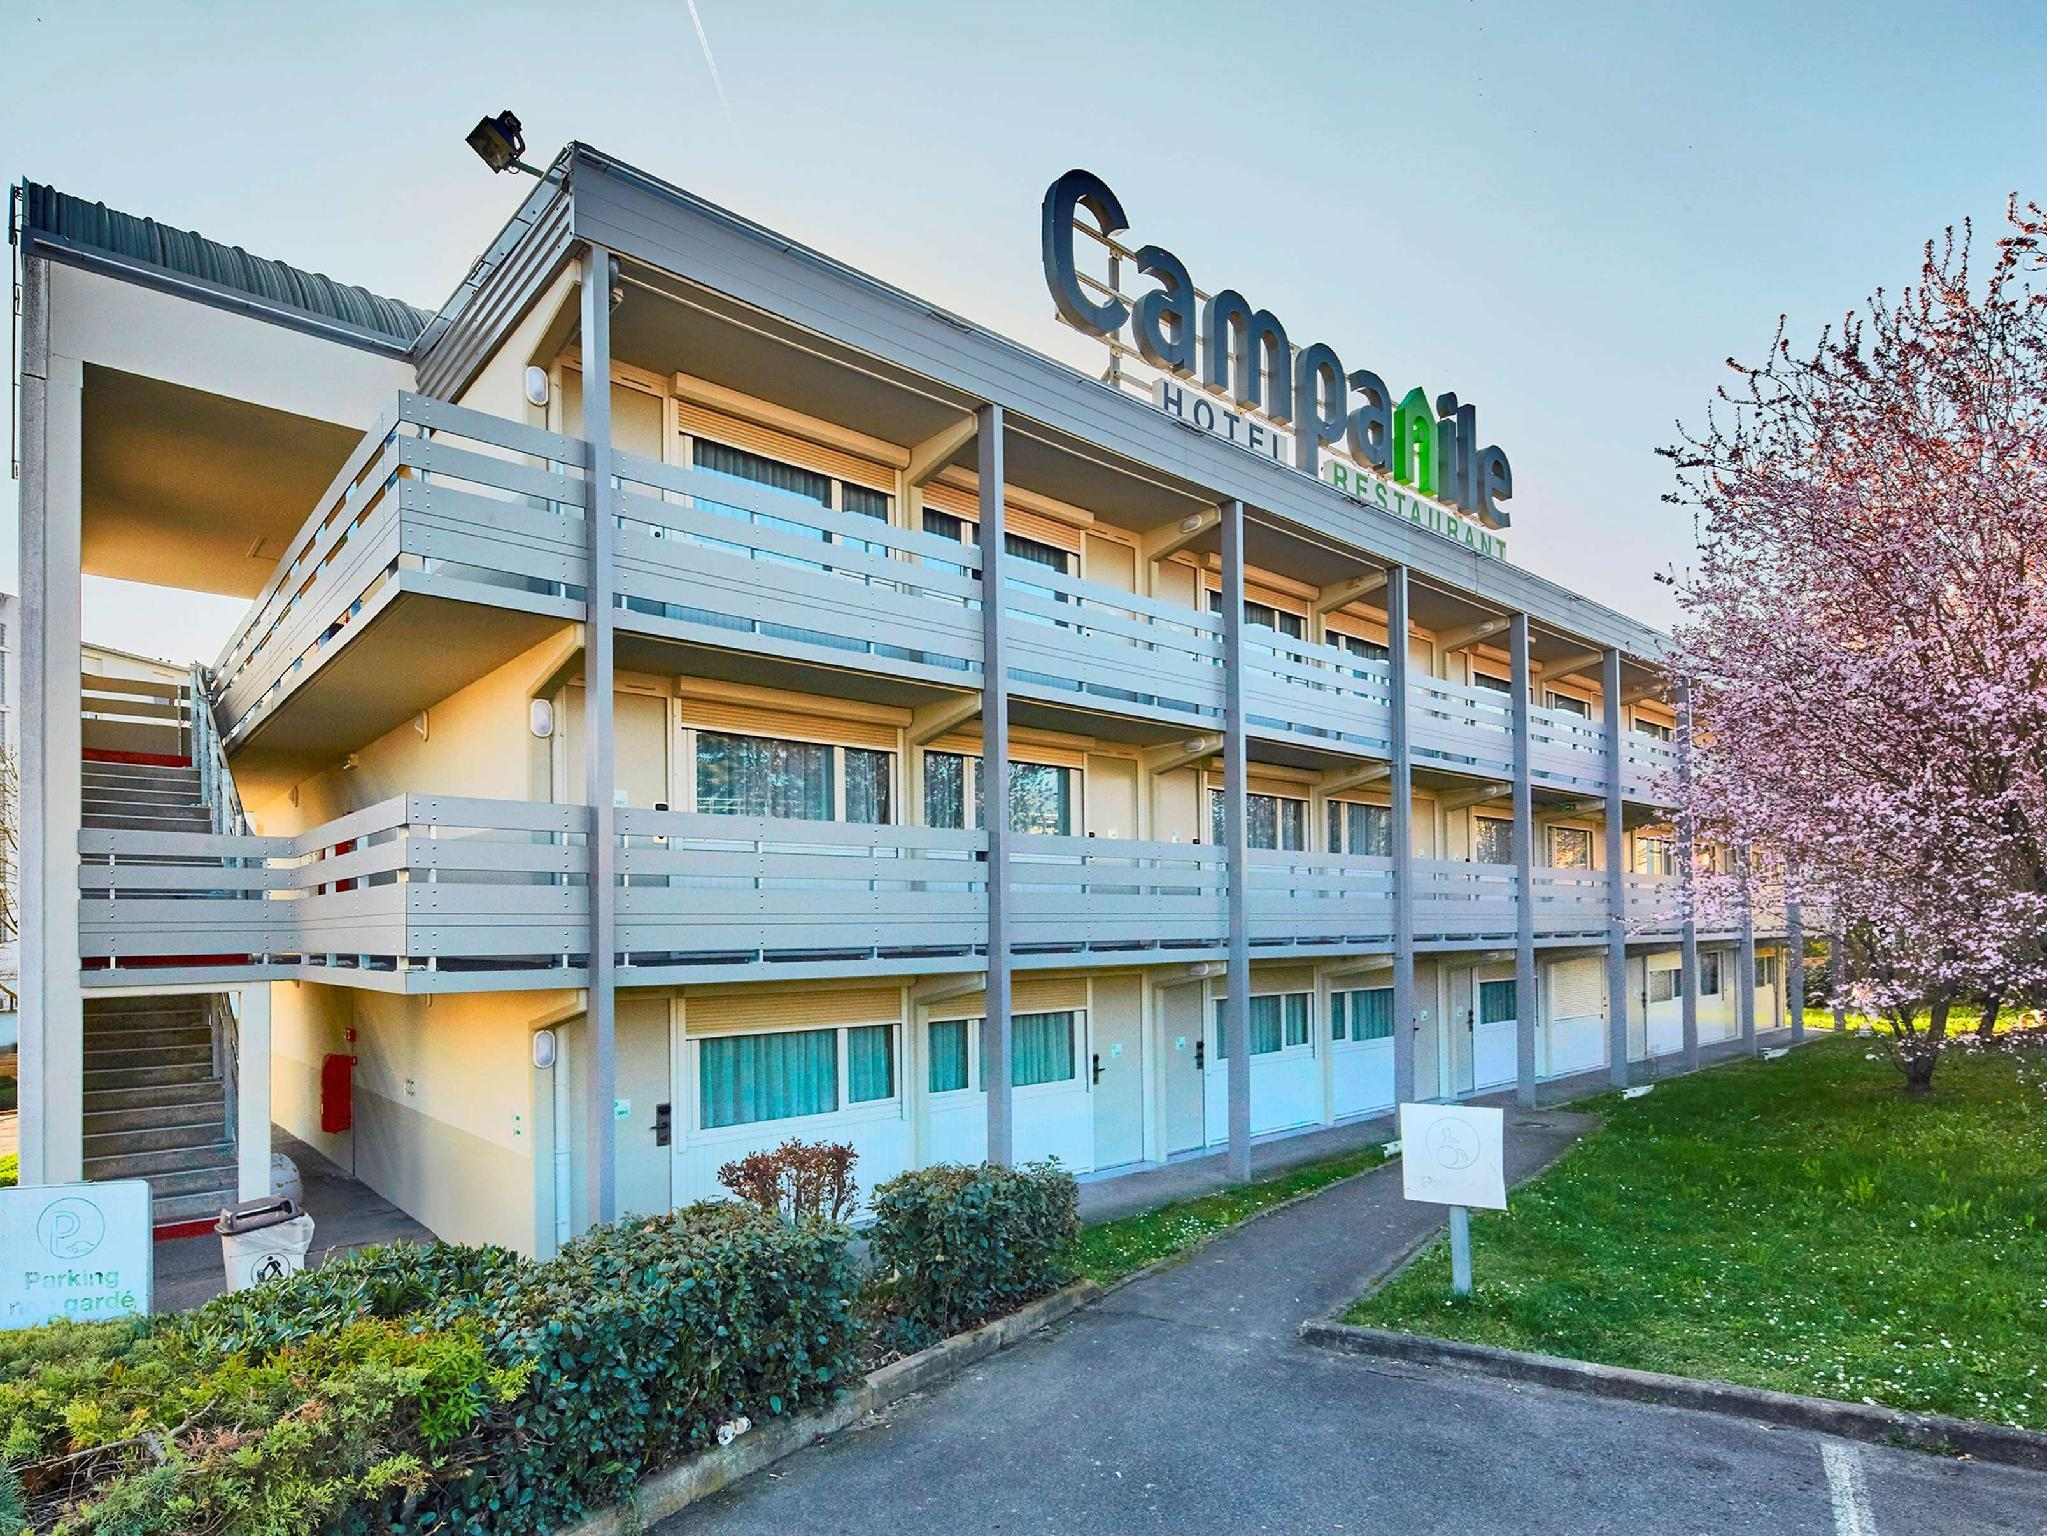 Hotel Campanile Marne La Vallee – Chelles